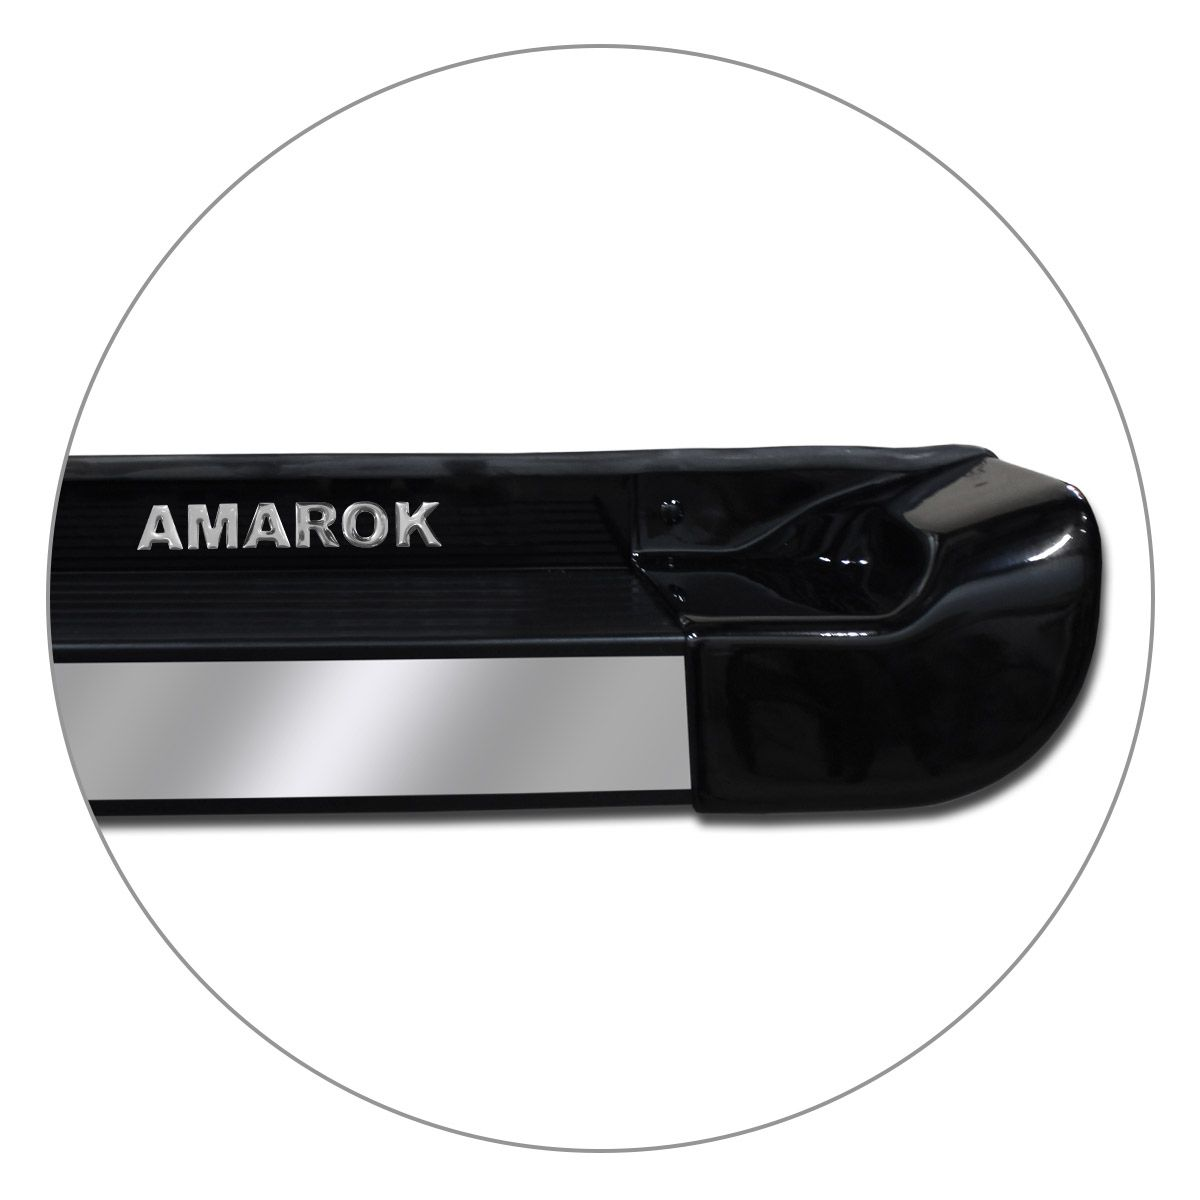 Estribo Lateral Amarok CD 2010 a 2019 Preto Mystic Personalizado